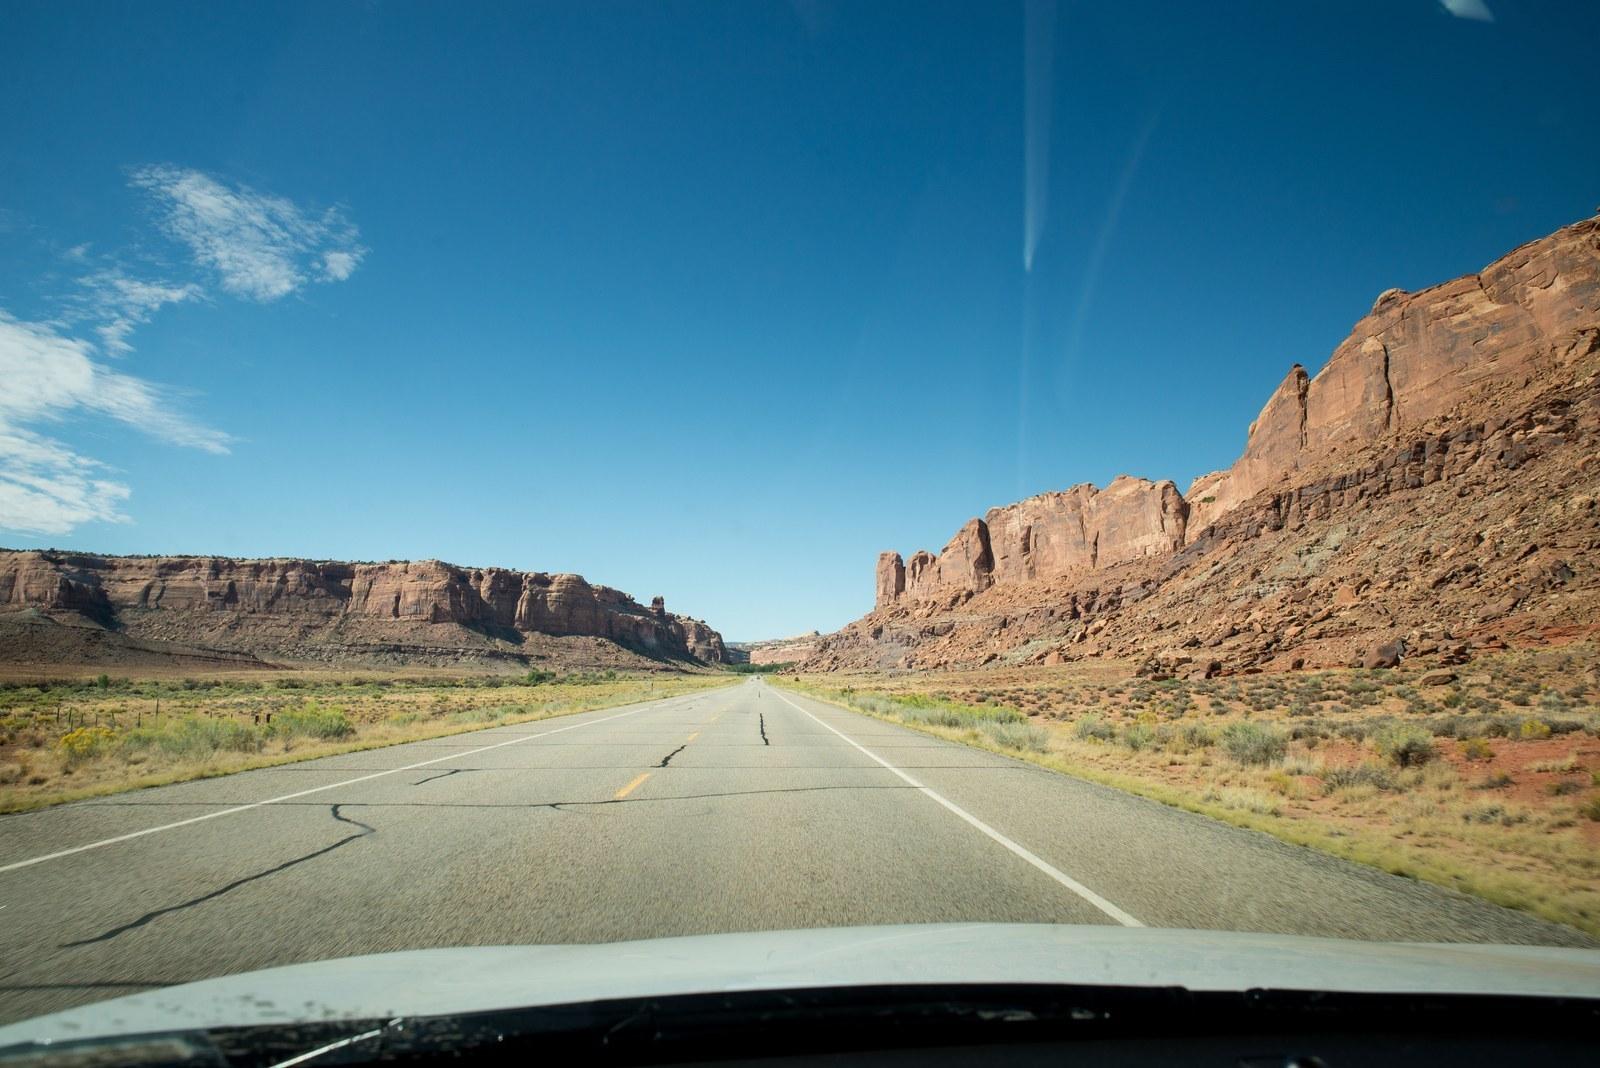 Sur la route de Canyonlands dans l'Utah Canyonlands